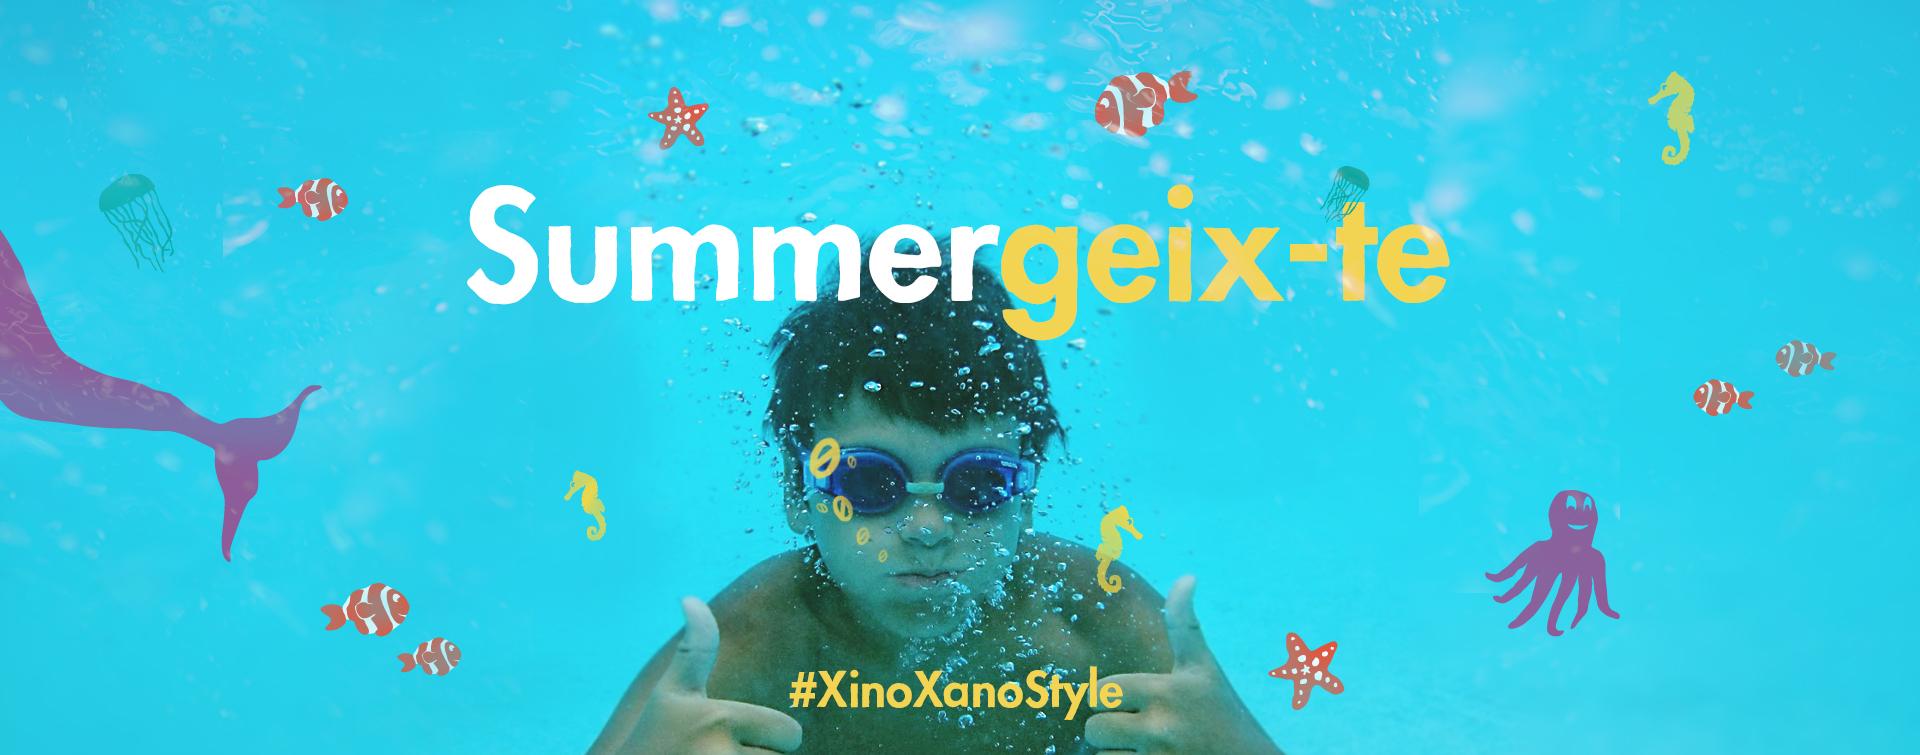 SLIDER_summergeixte